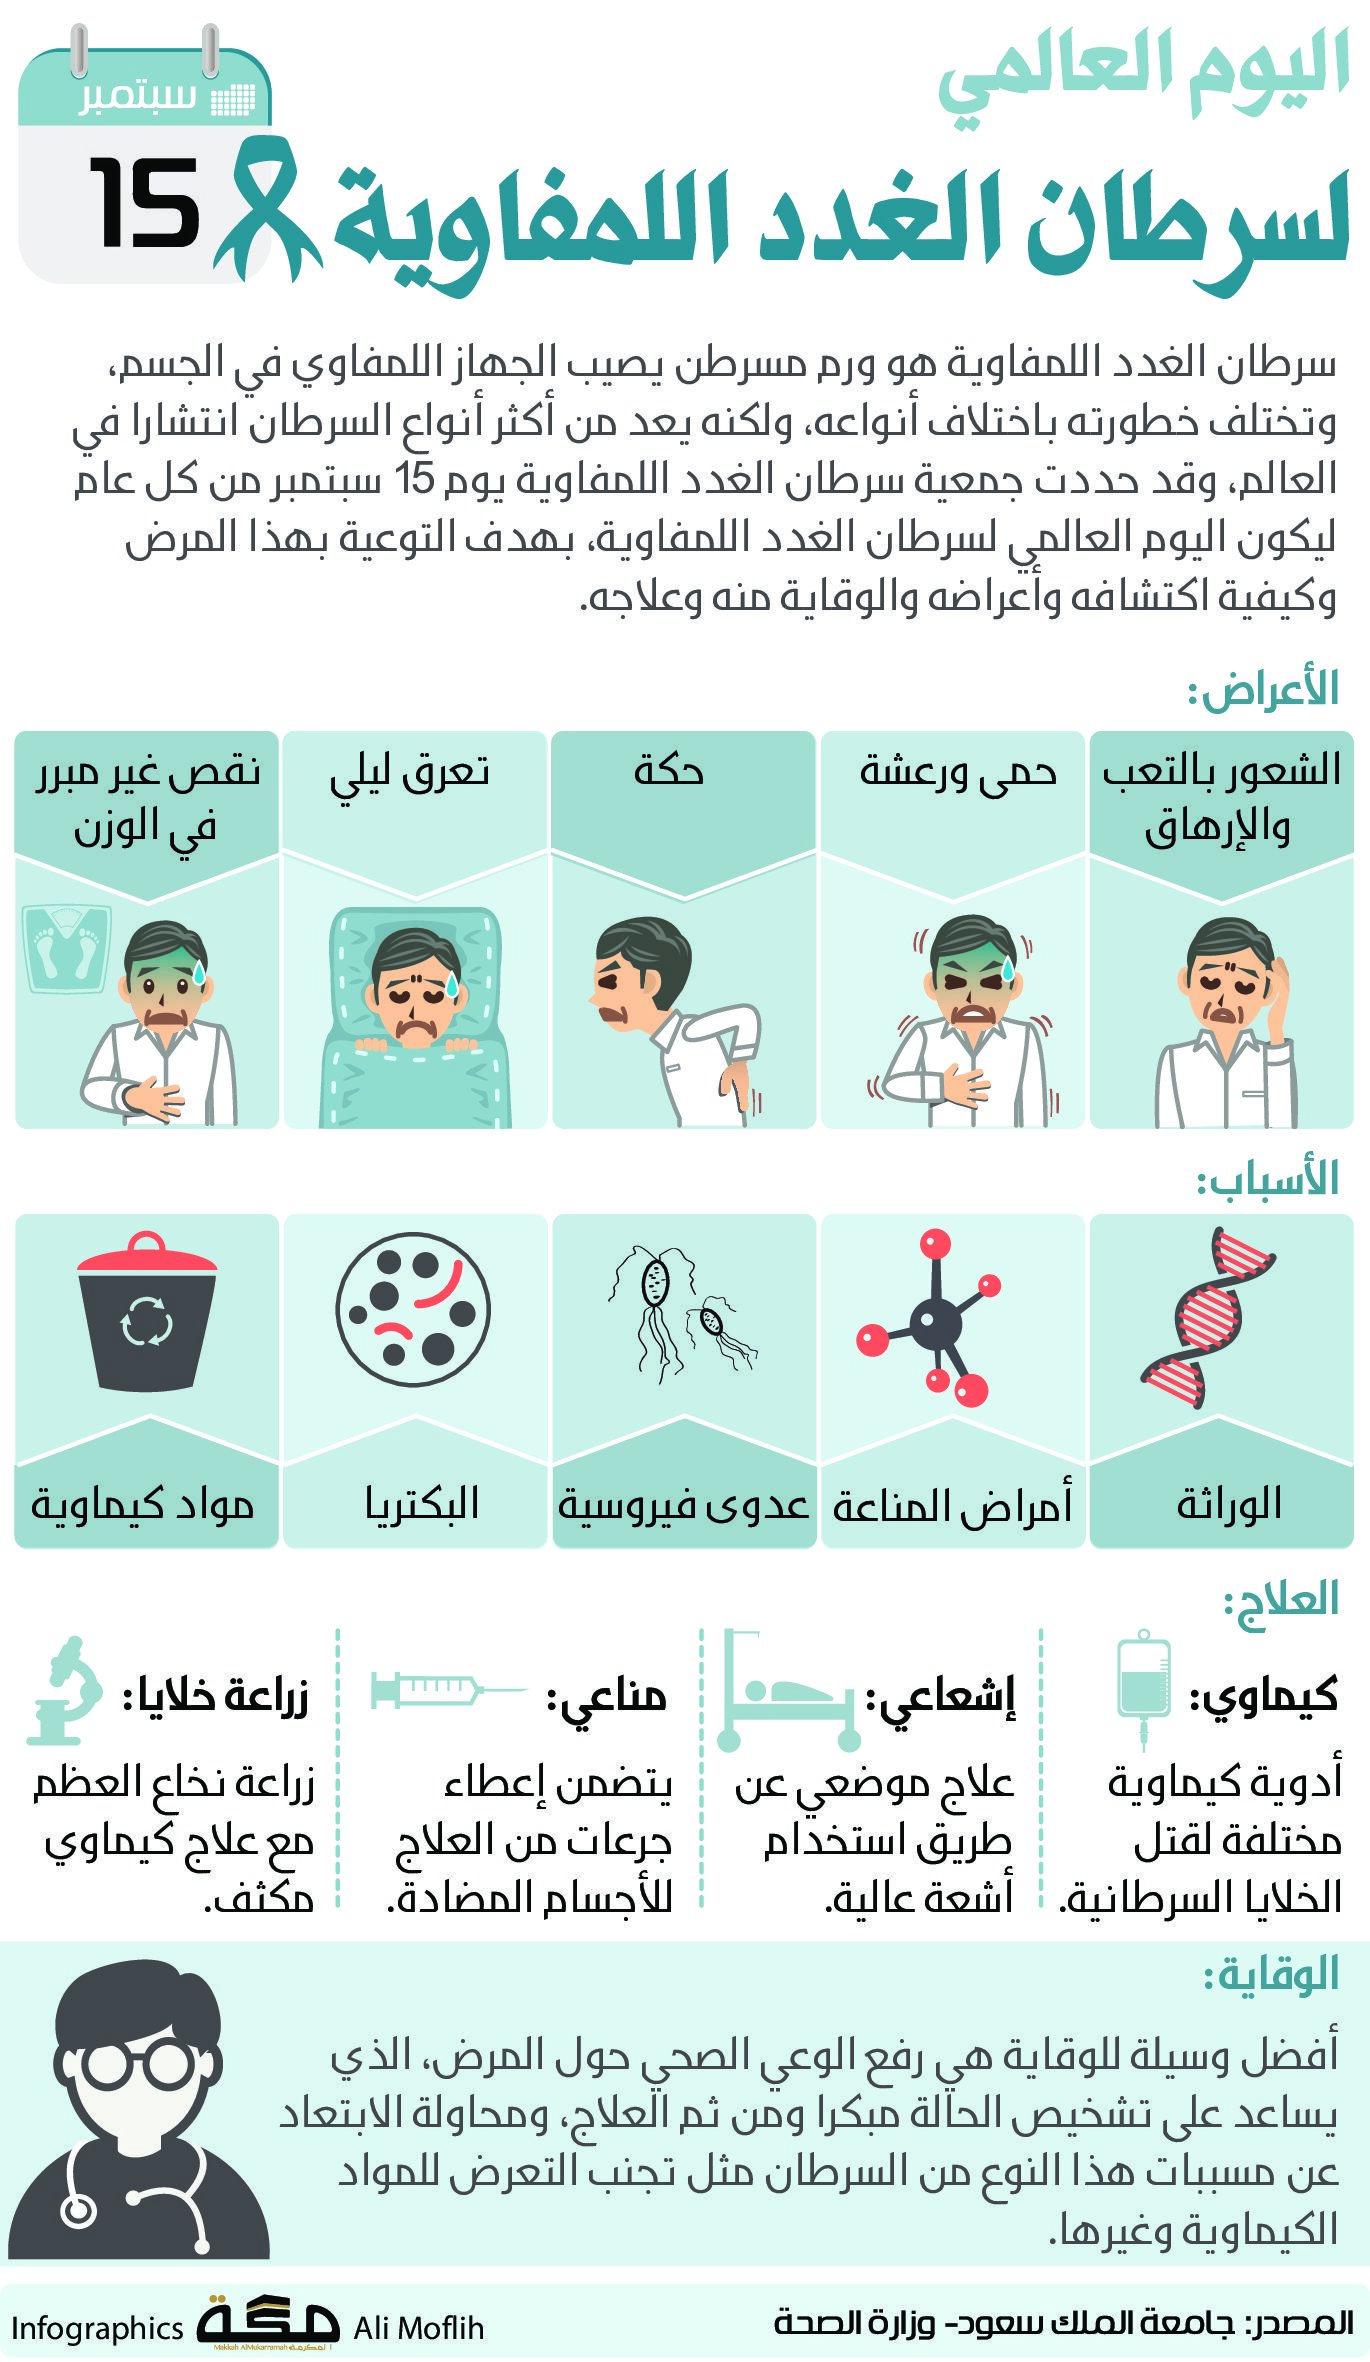 اليوم العالمي لسرطان الغدد اللمفاوية 15 سبتمر صحيفةـمكة انفوجرافيك الأيام العالمية Infographic Makkah